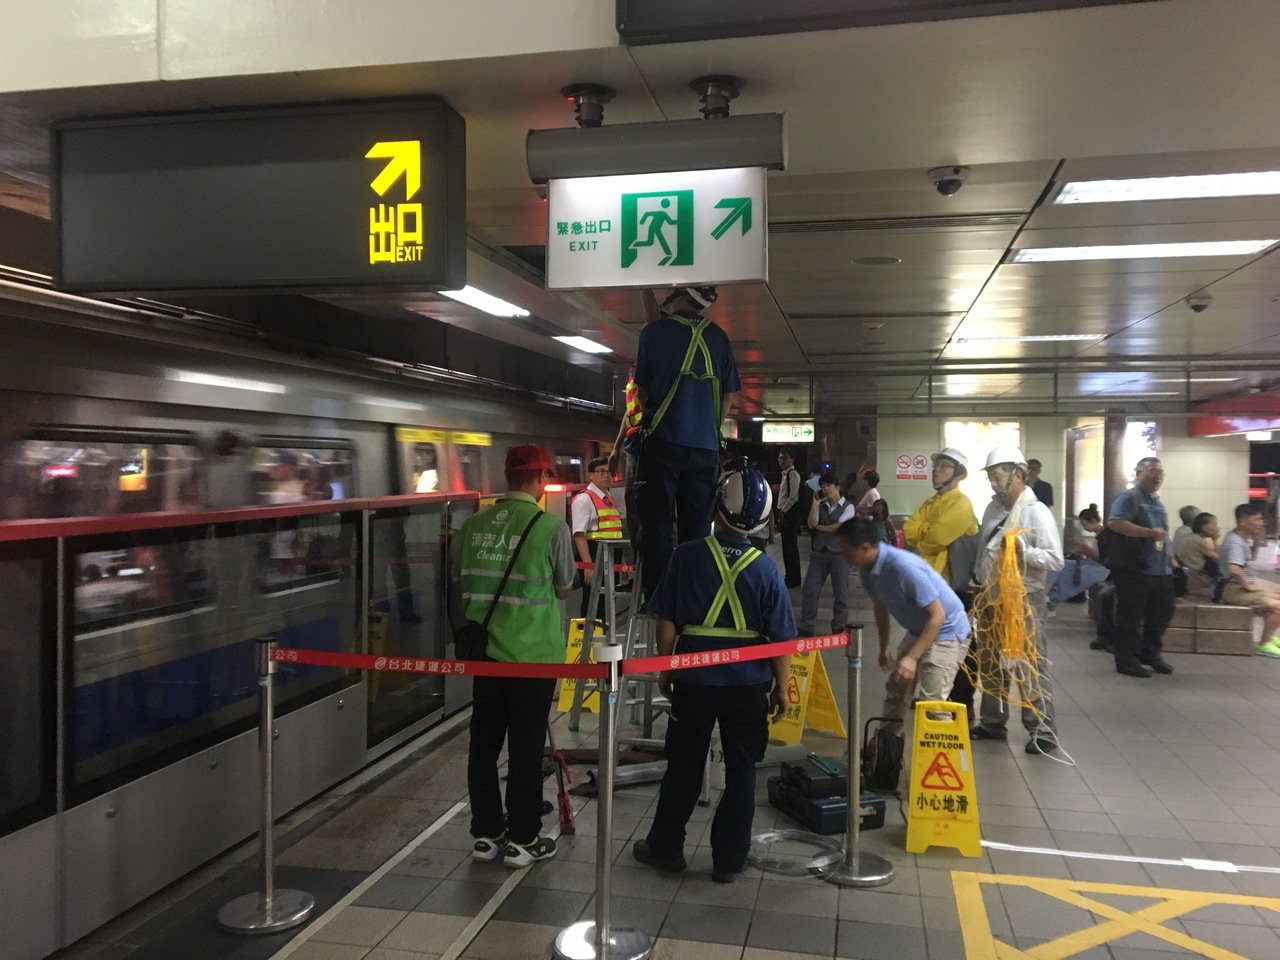 大雨狂炸雙北 捷運中山站月台積水狀況已排除